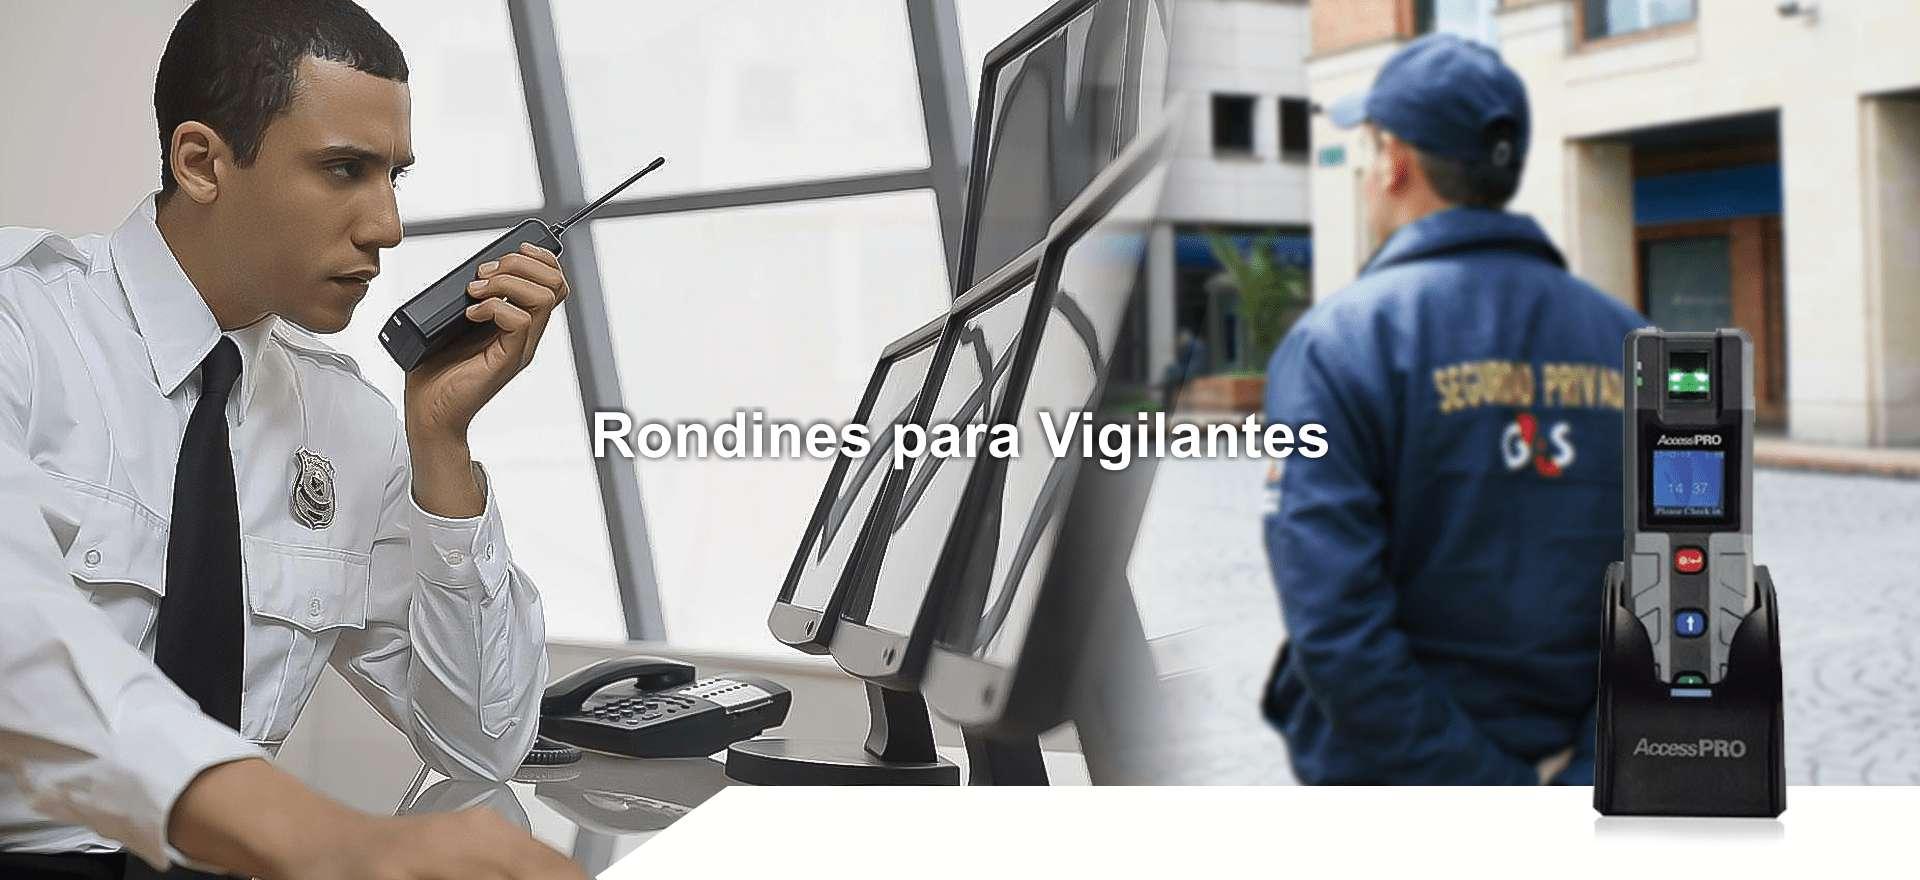 Rondines para Vigilantes en Ixtapa Zihuatanejo, Guerrero y Lázaro Cárdenas, Michoacán